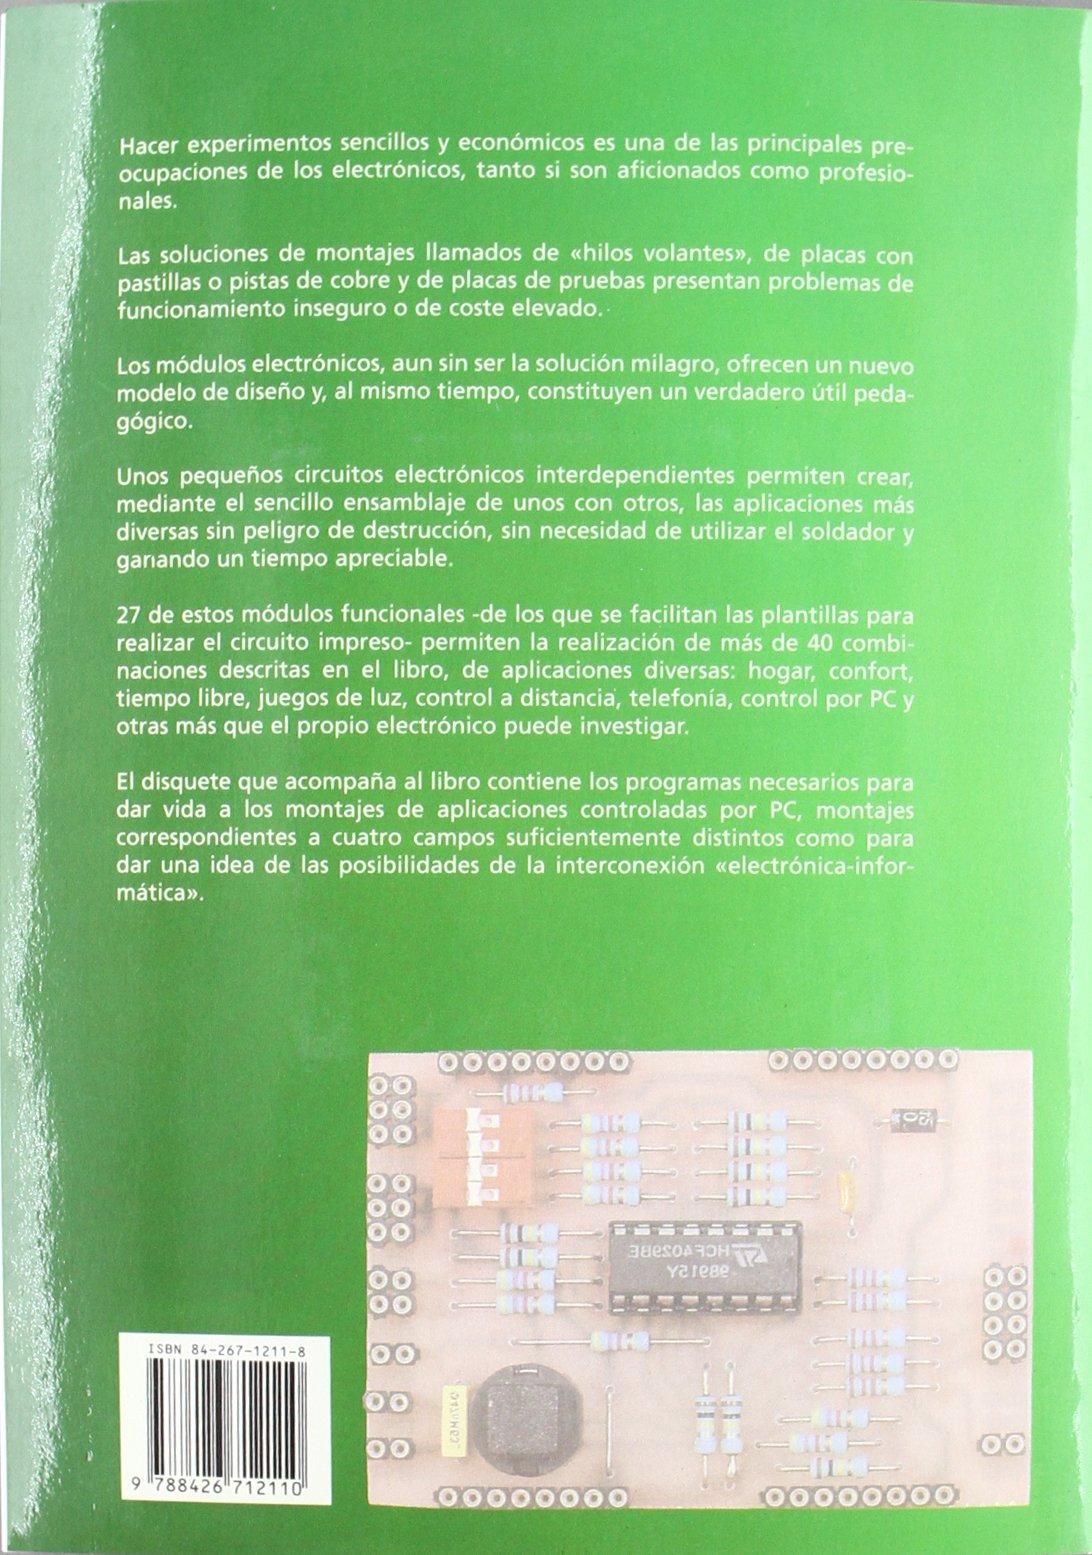 27 Modulos de Electronica Asociativos (Spanish Edition): Yves Mergy: 9788426712110: Amazon.com: Books